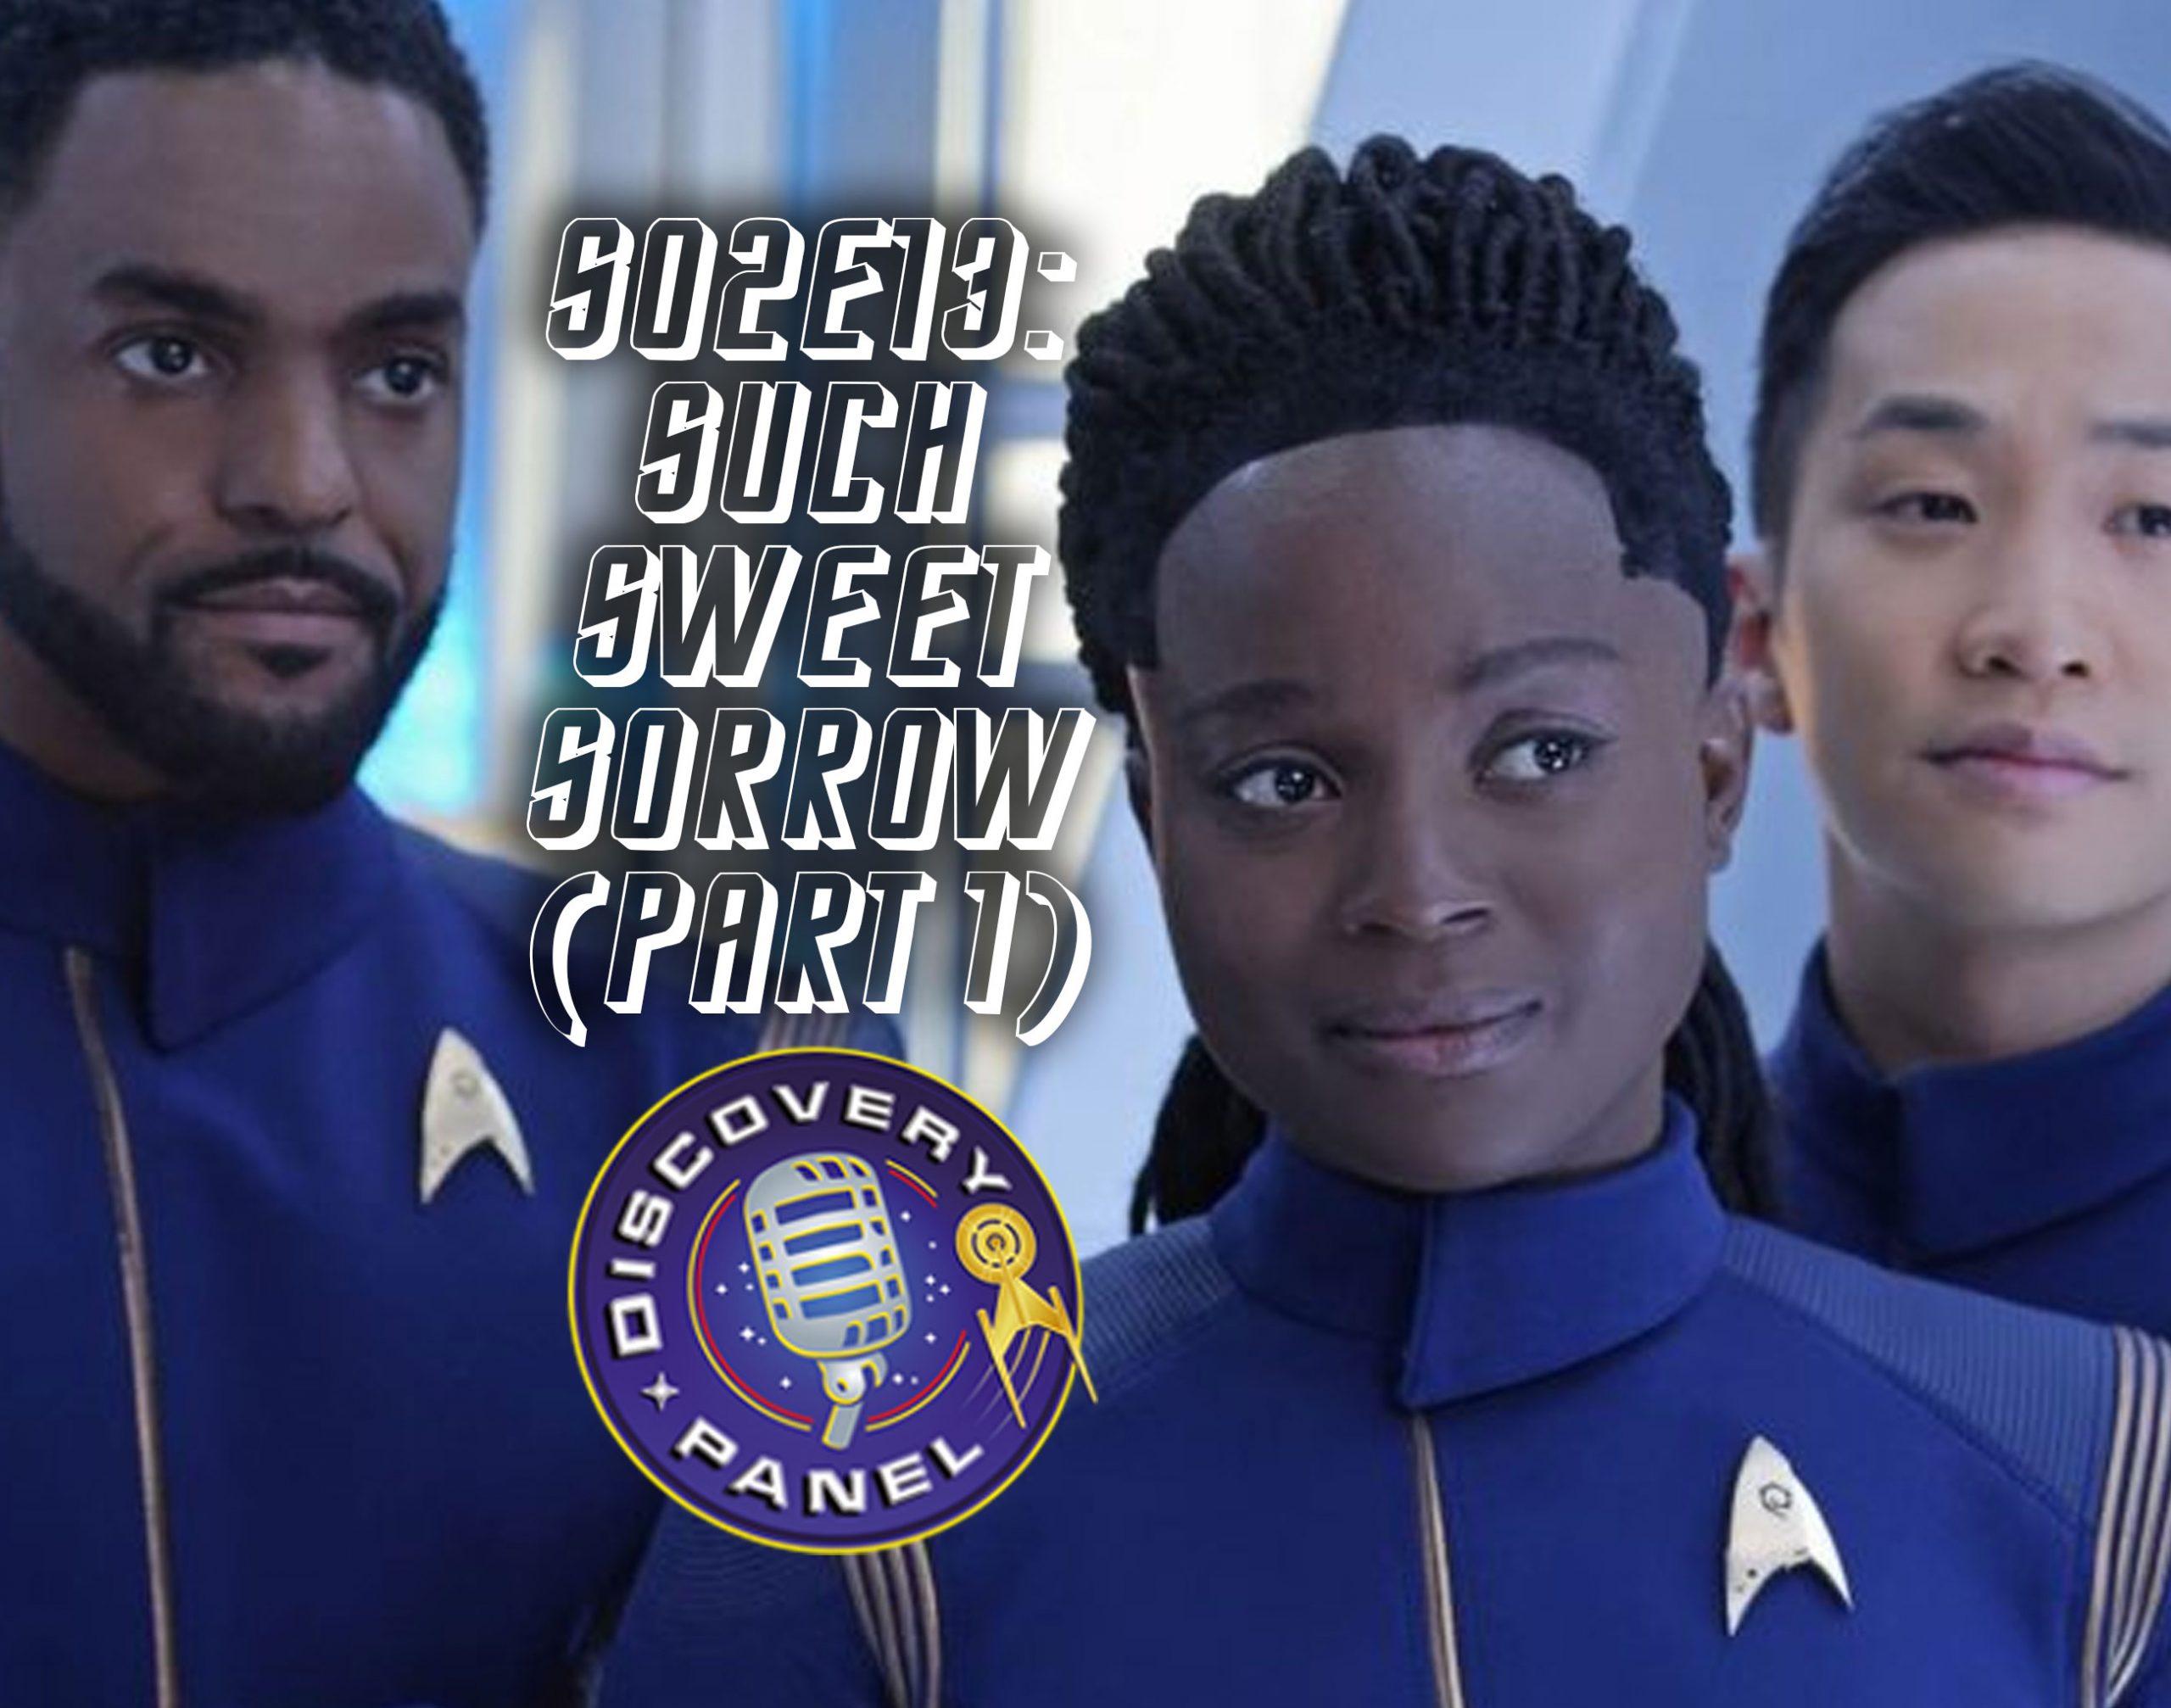 """Episodenbesprechung: Star Trek Discovery – """"Such Sweet Sorrow Part 1"""" (S02E13)"""